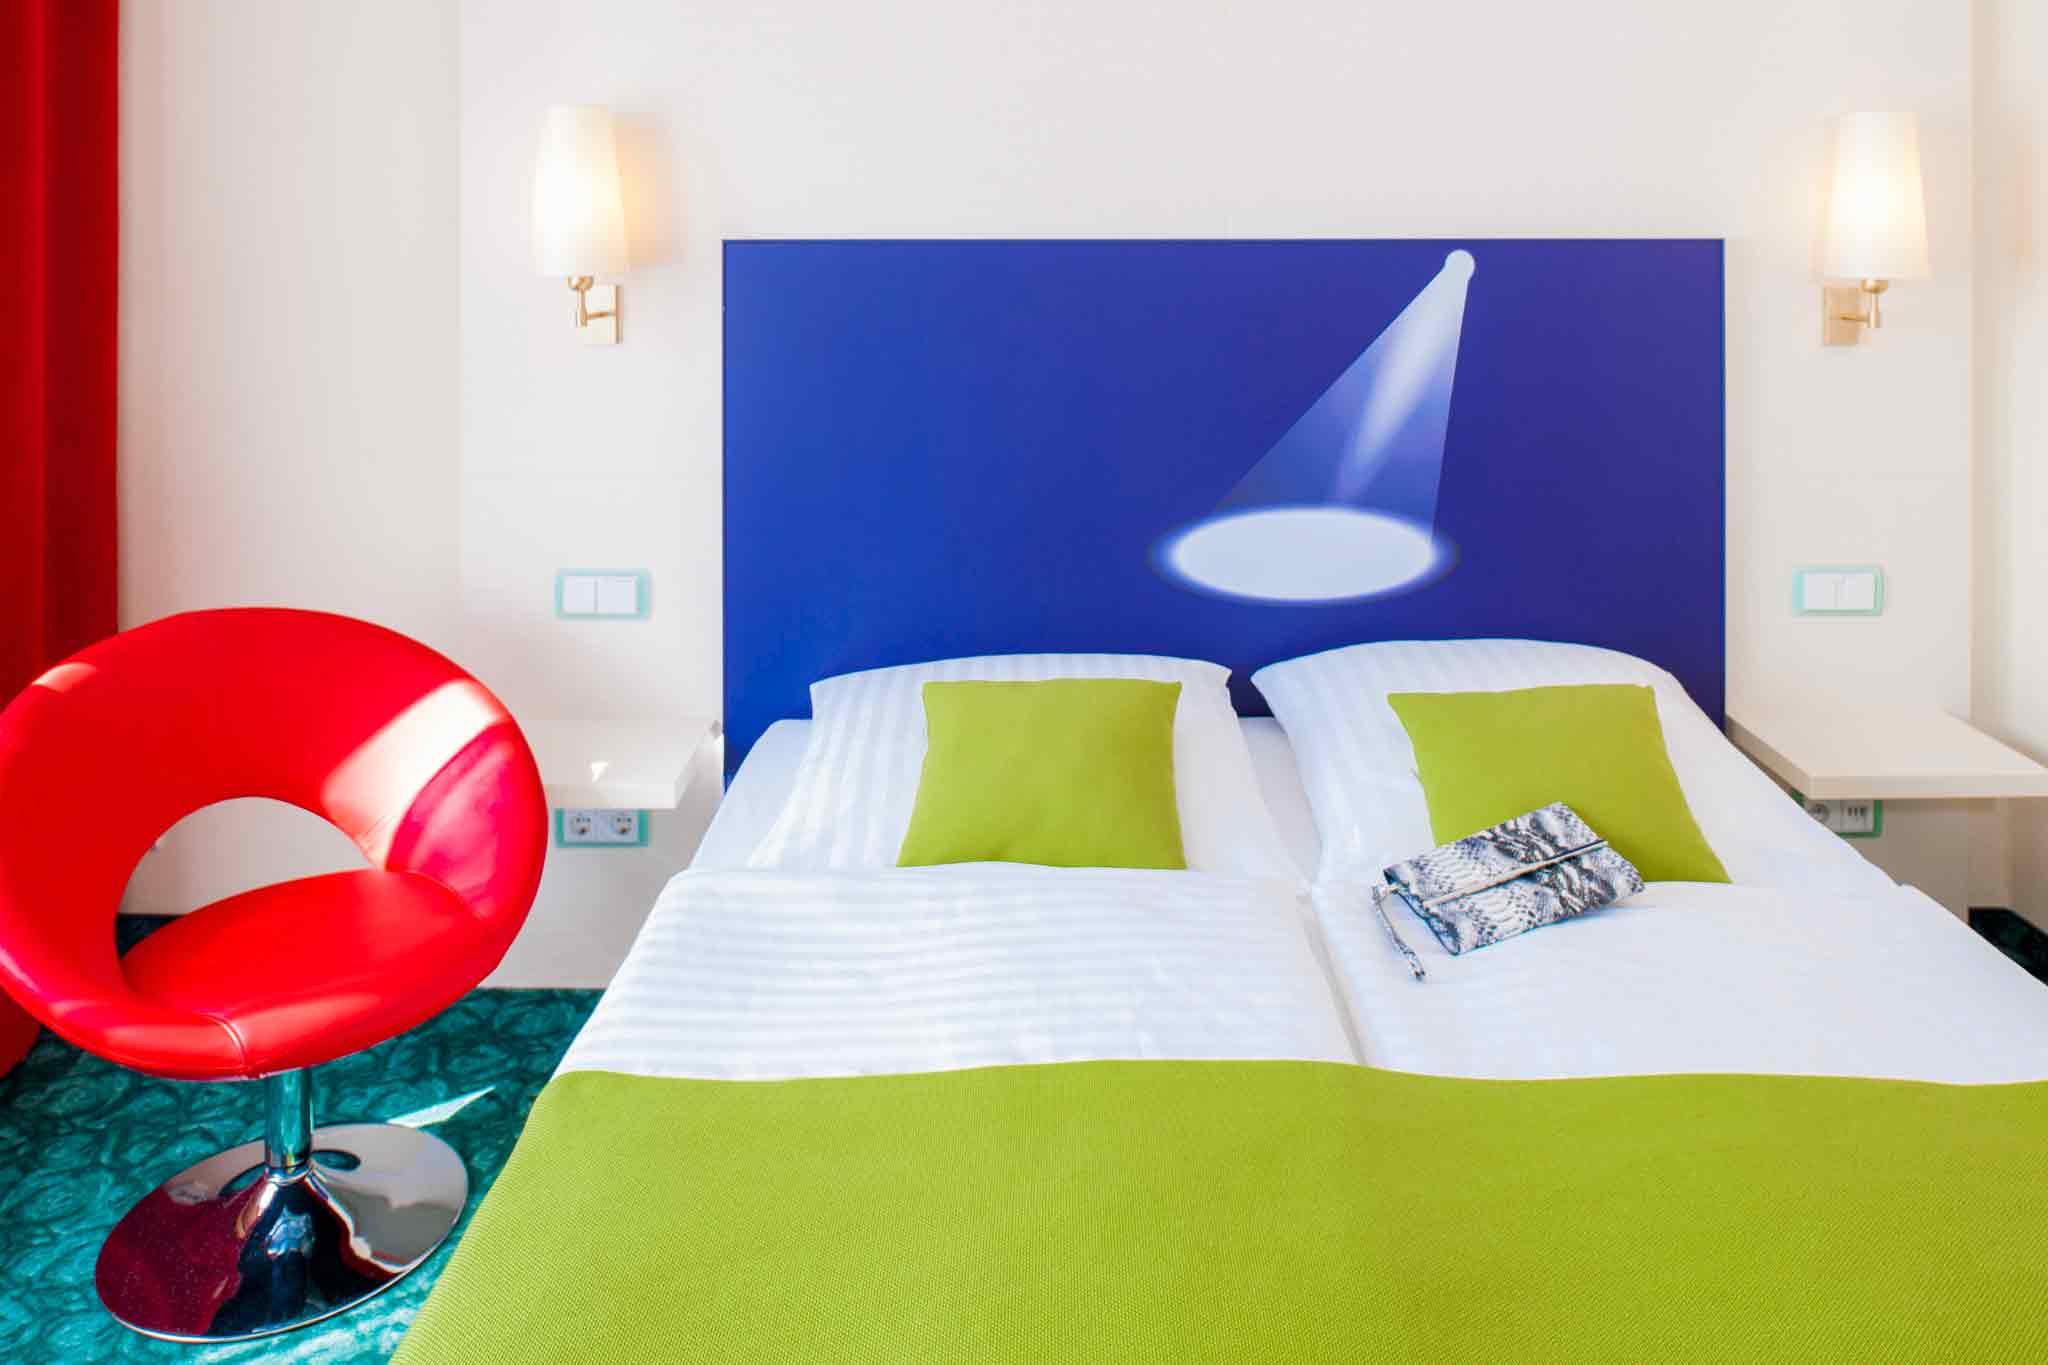 فندق - إيبيس ستايلز ibis Styles برلين أن در أوبر